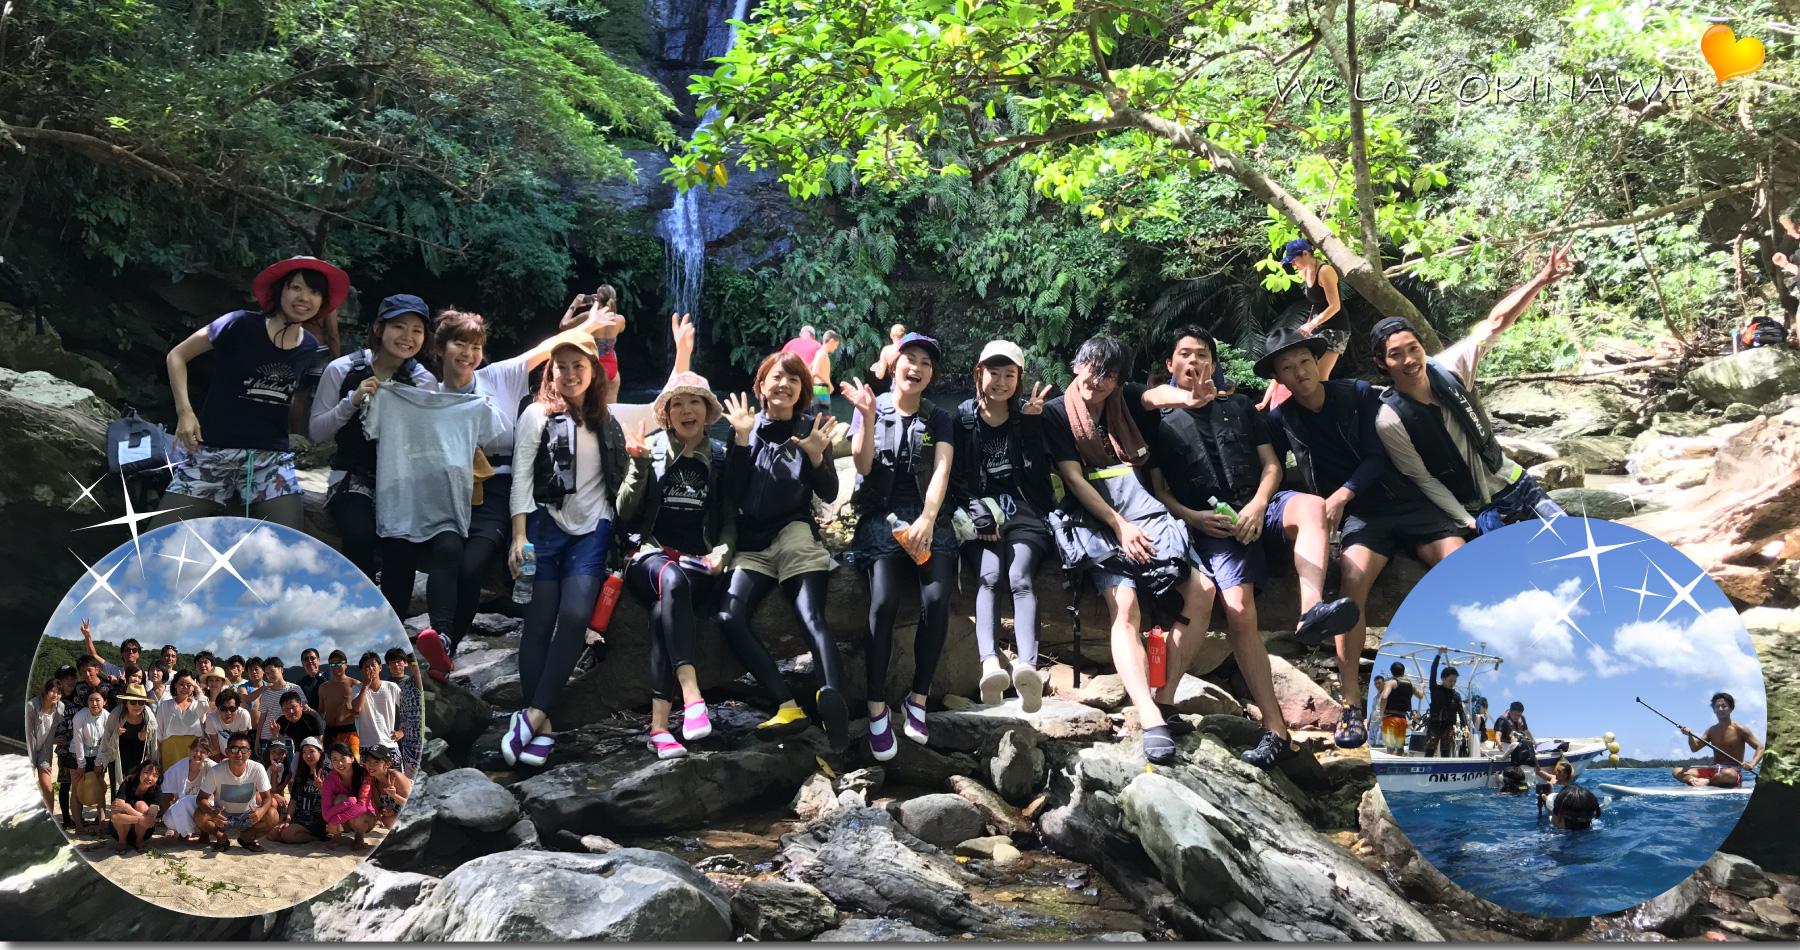 グループ、社員旅行、団体旅行